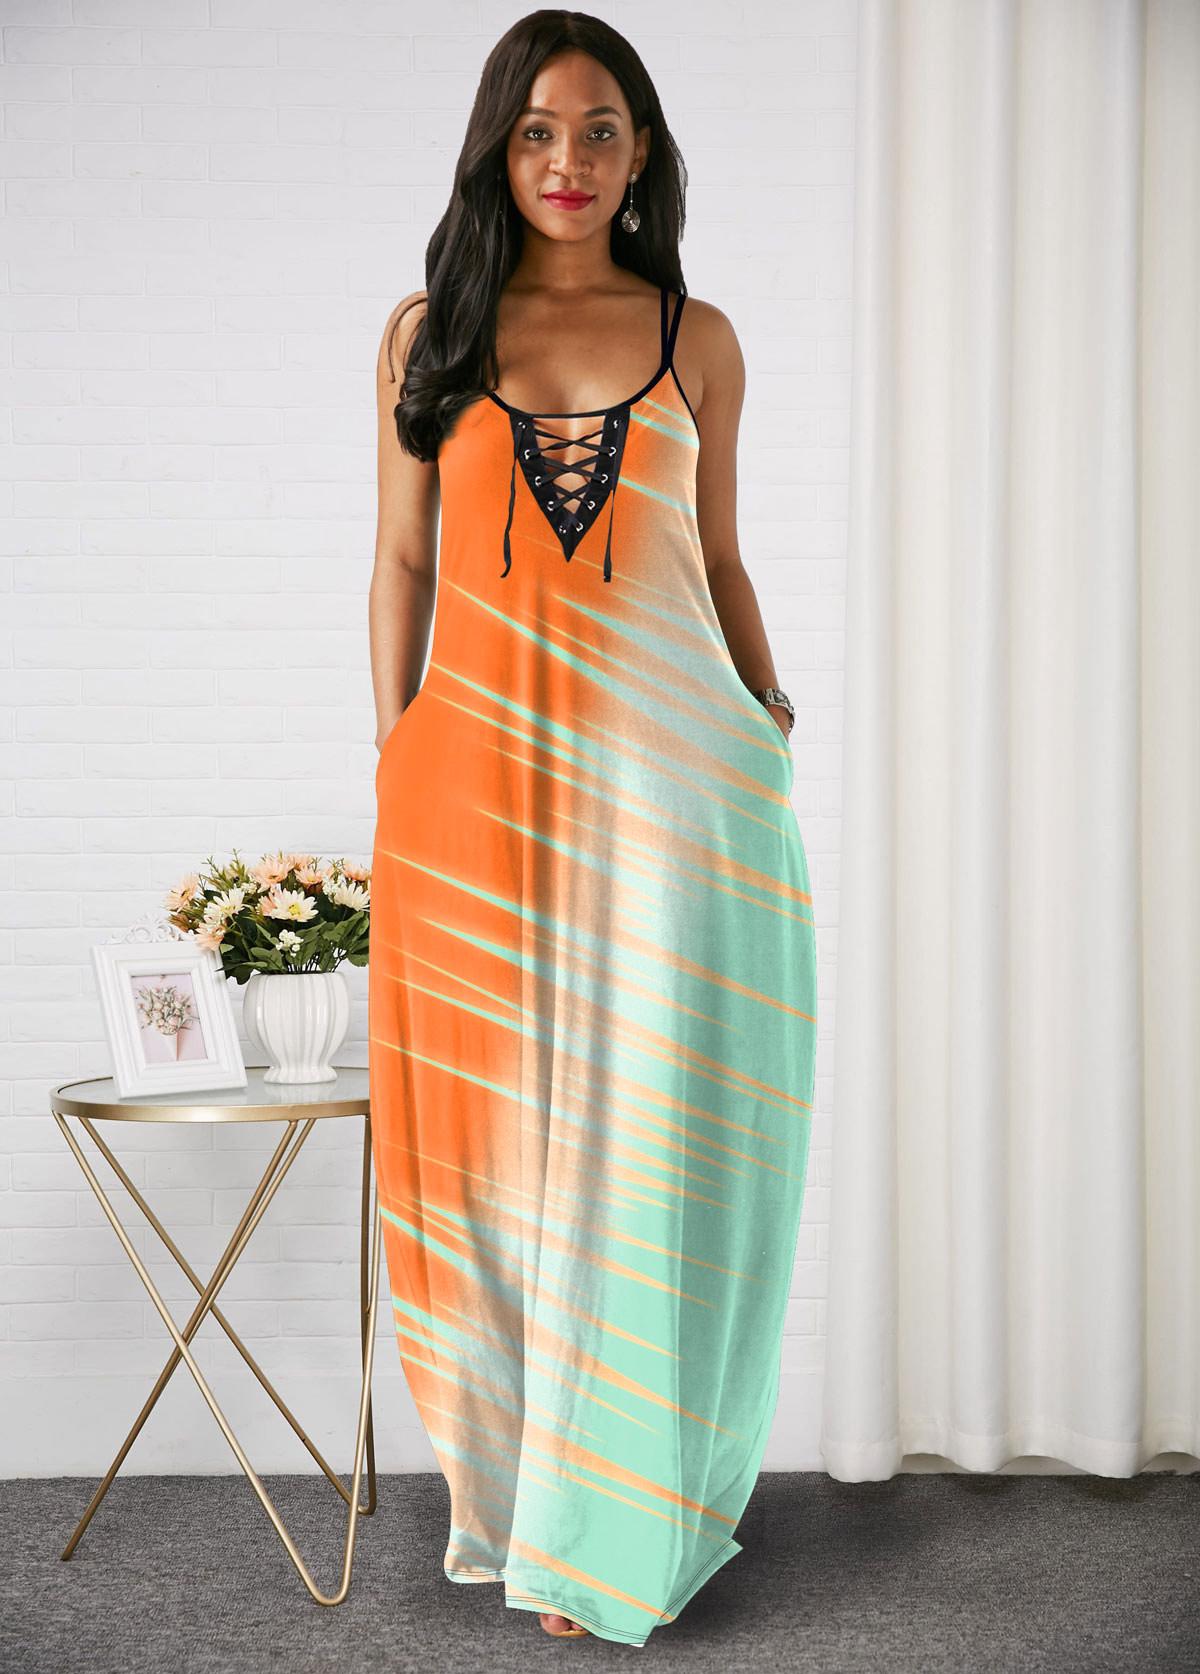 ROTITA Color Block Spaghetti Strap Lace Up Maxi Dress